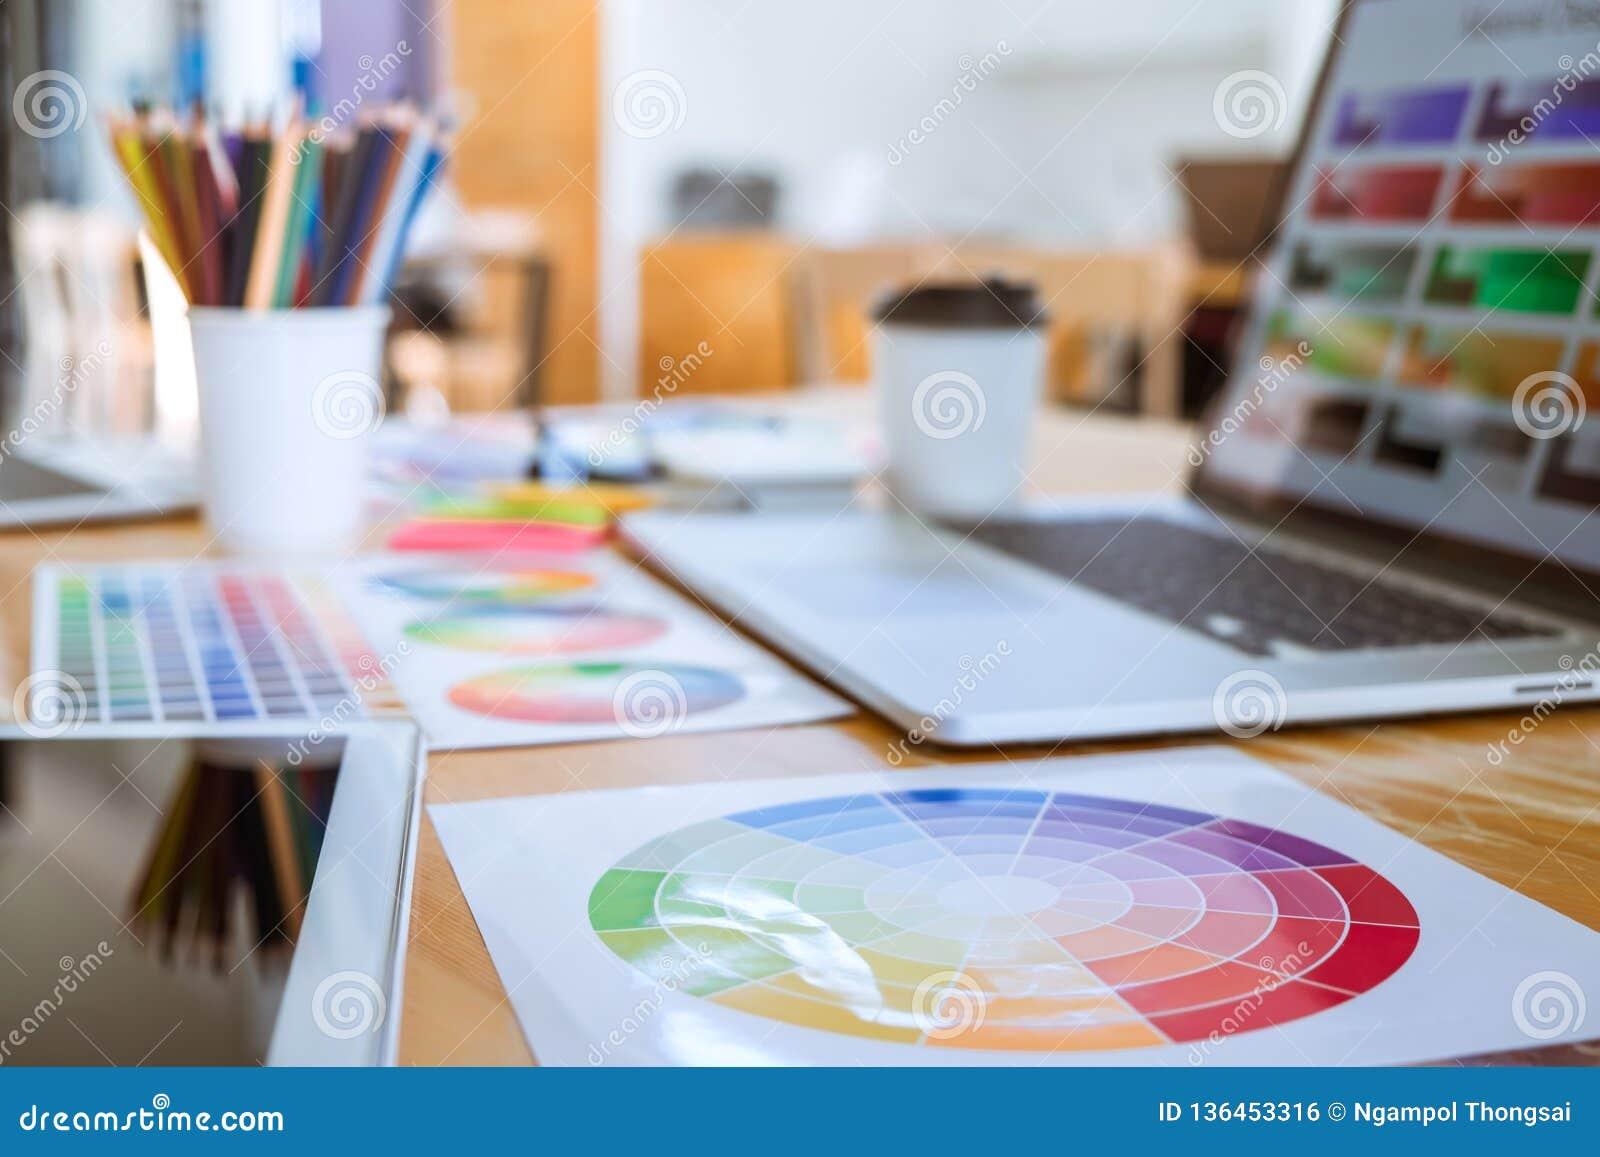 Γραφικά swatch εργαλείων και χρώματος αντικειμένου σχεδιαστών δείγματα στο χώρο εργασίας